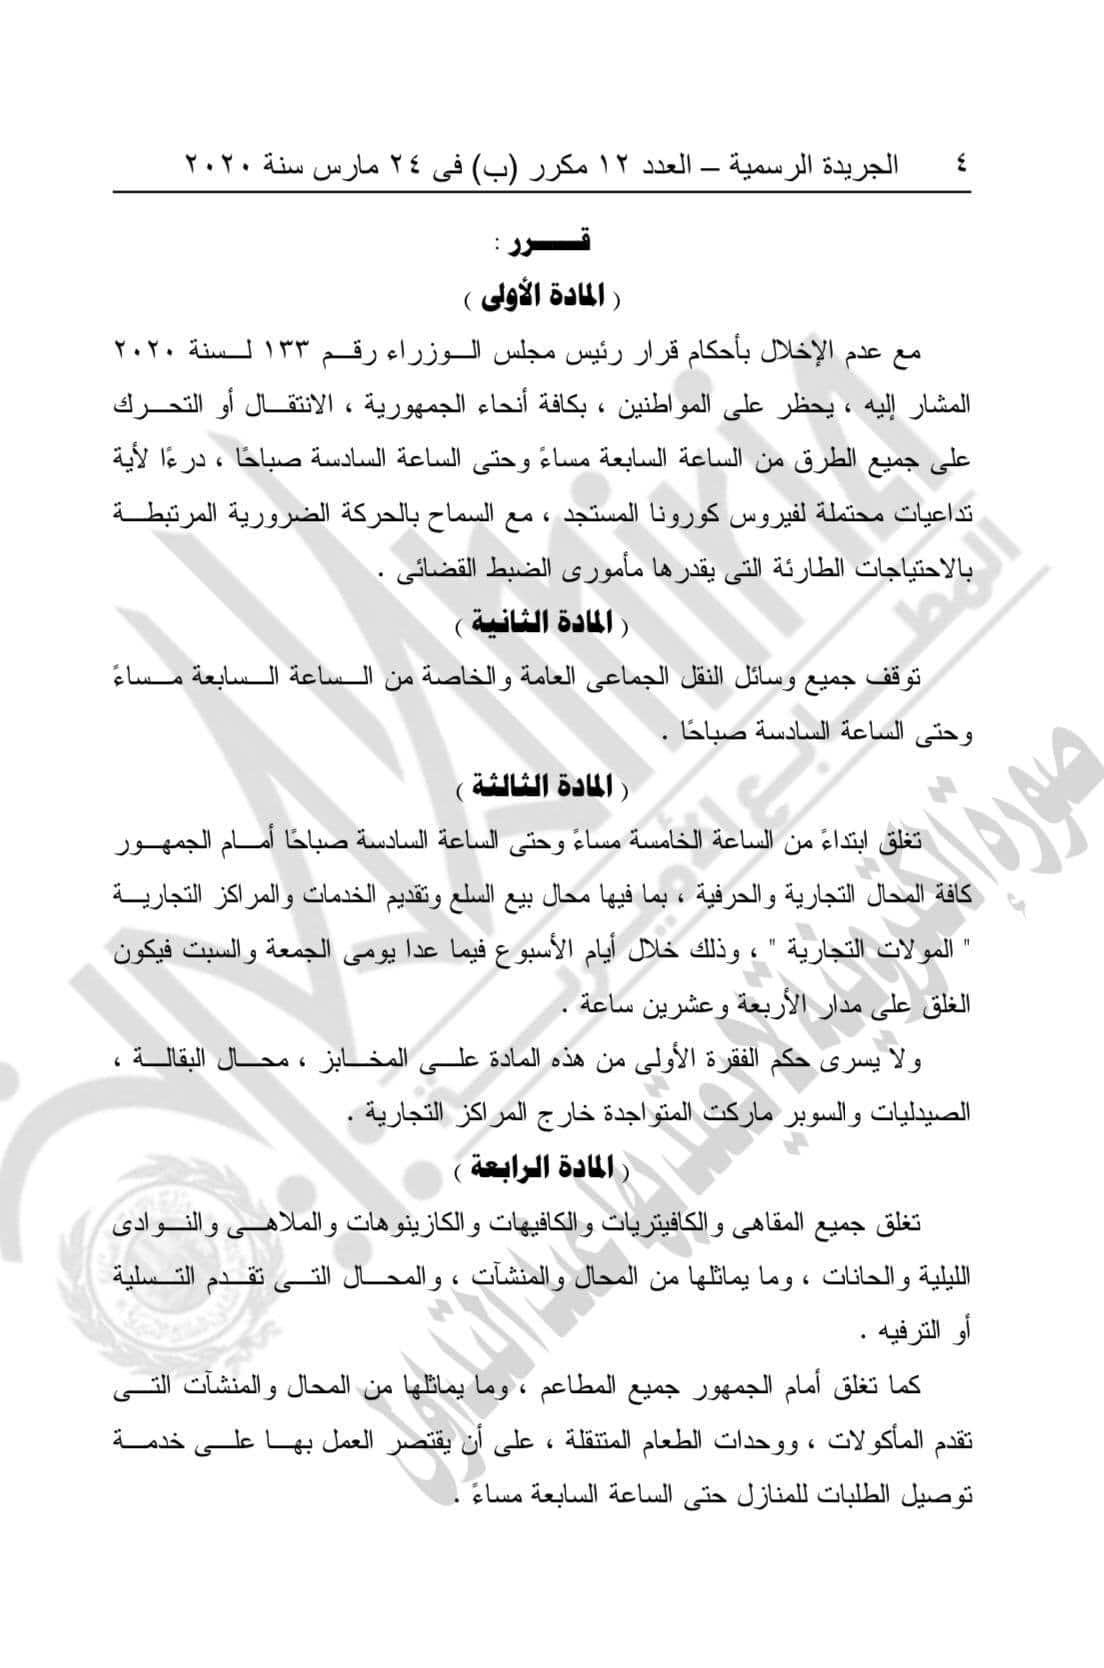 تداعيات فيروس كورونا على معيشة الإنسان المصري-1